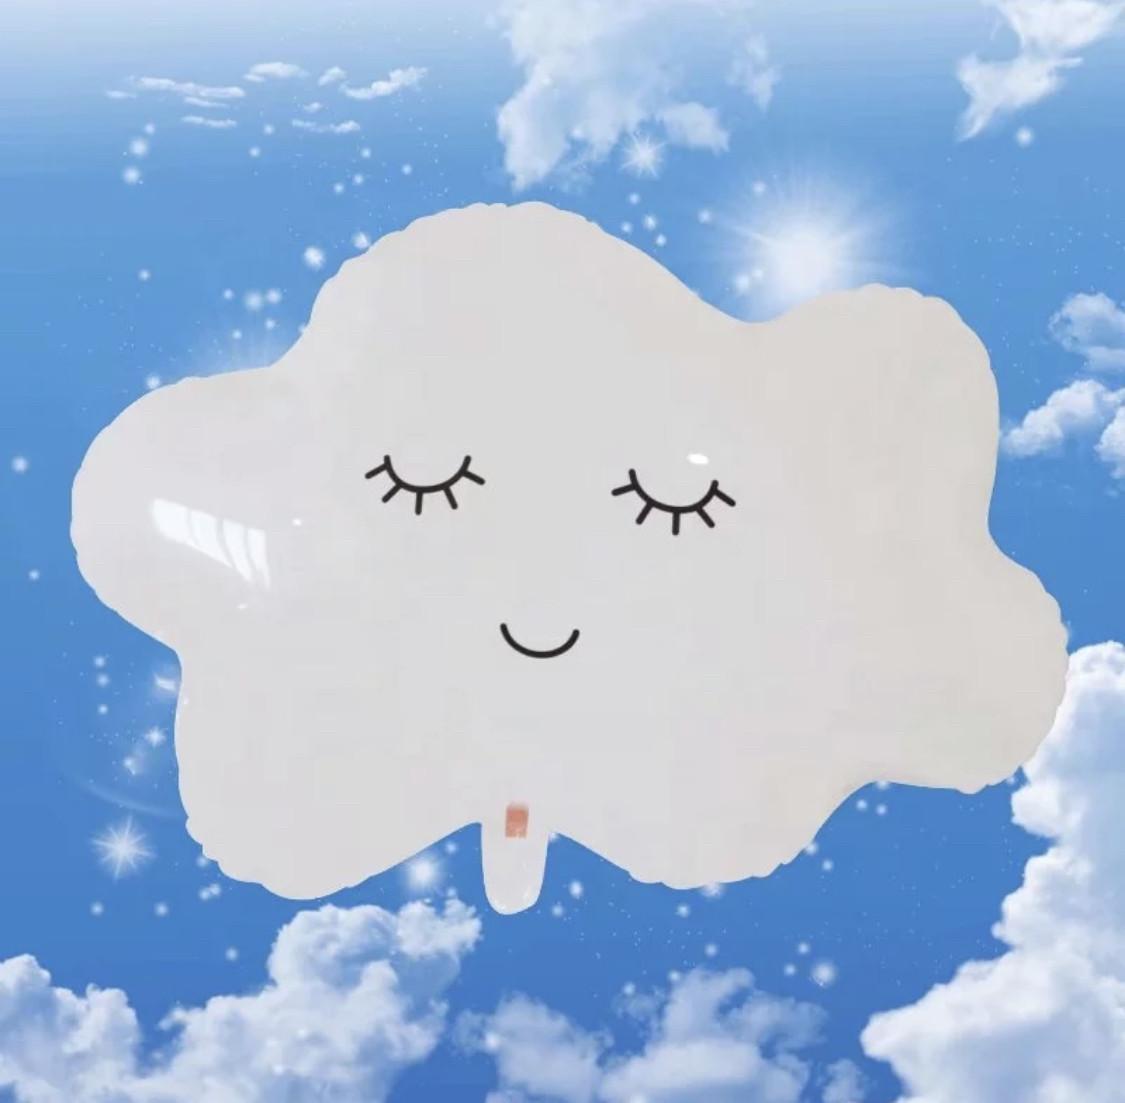 Фольгированный шар облако с глазками.Размер 74*60 см.